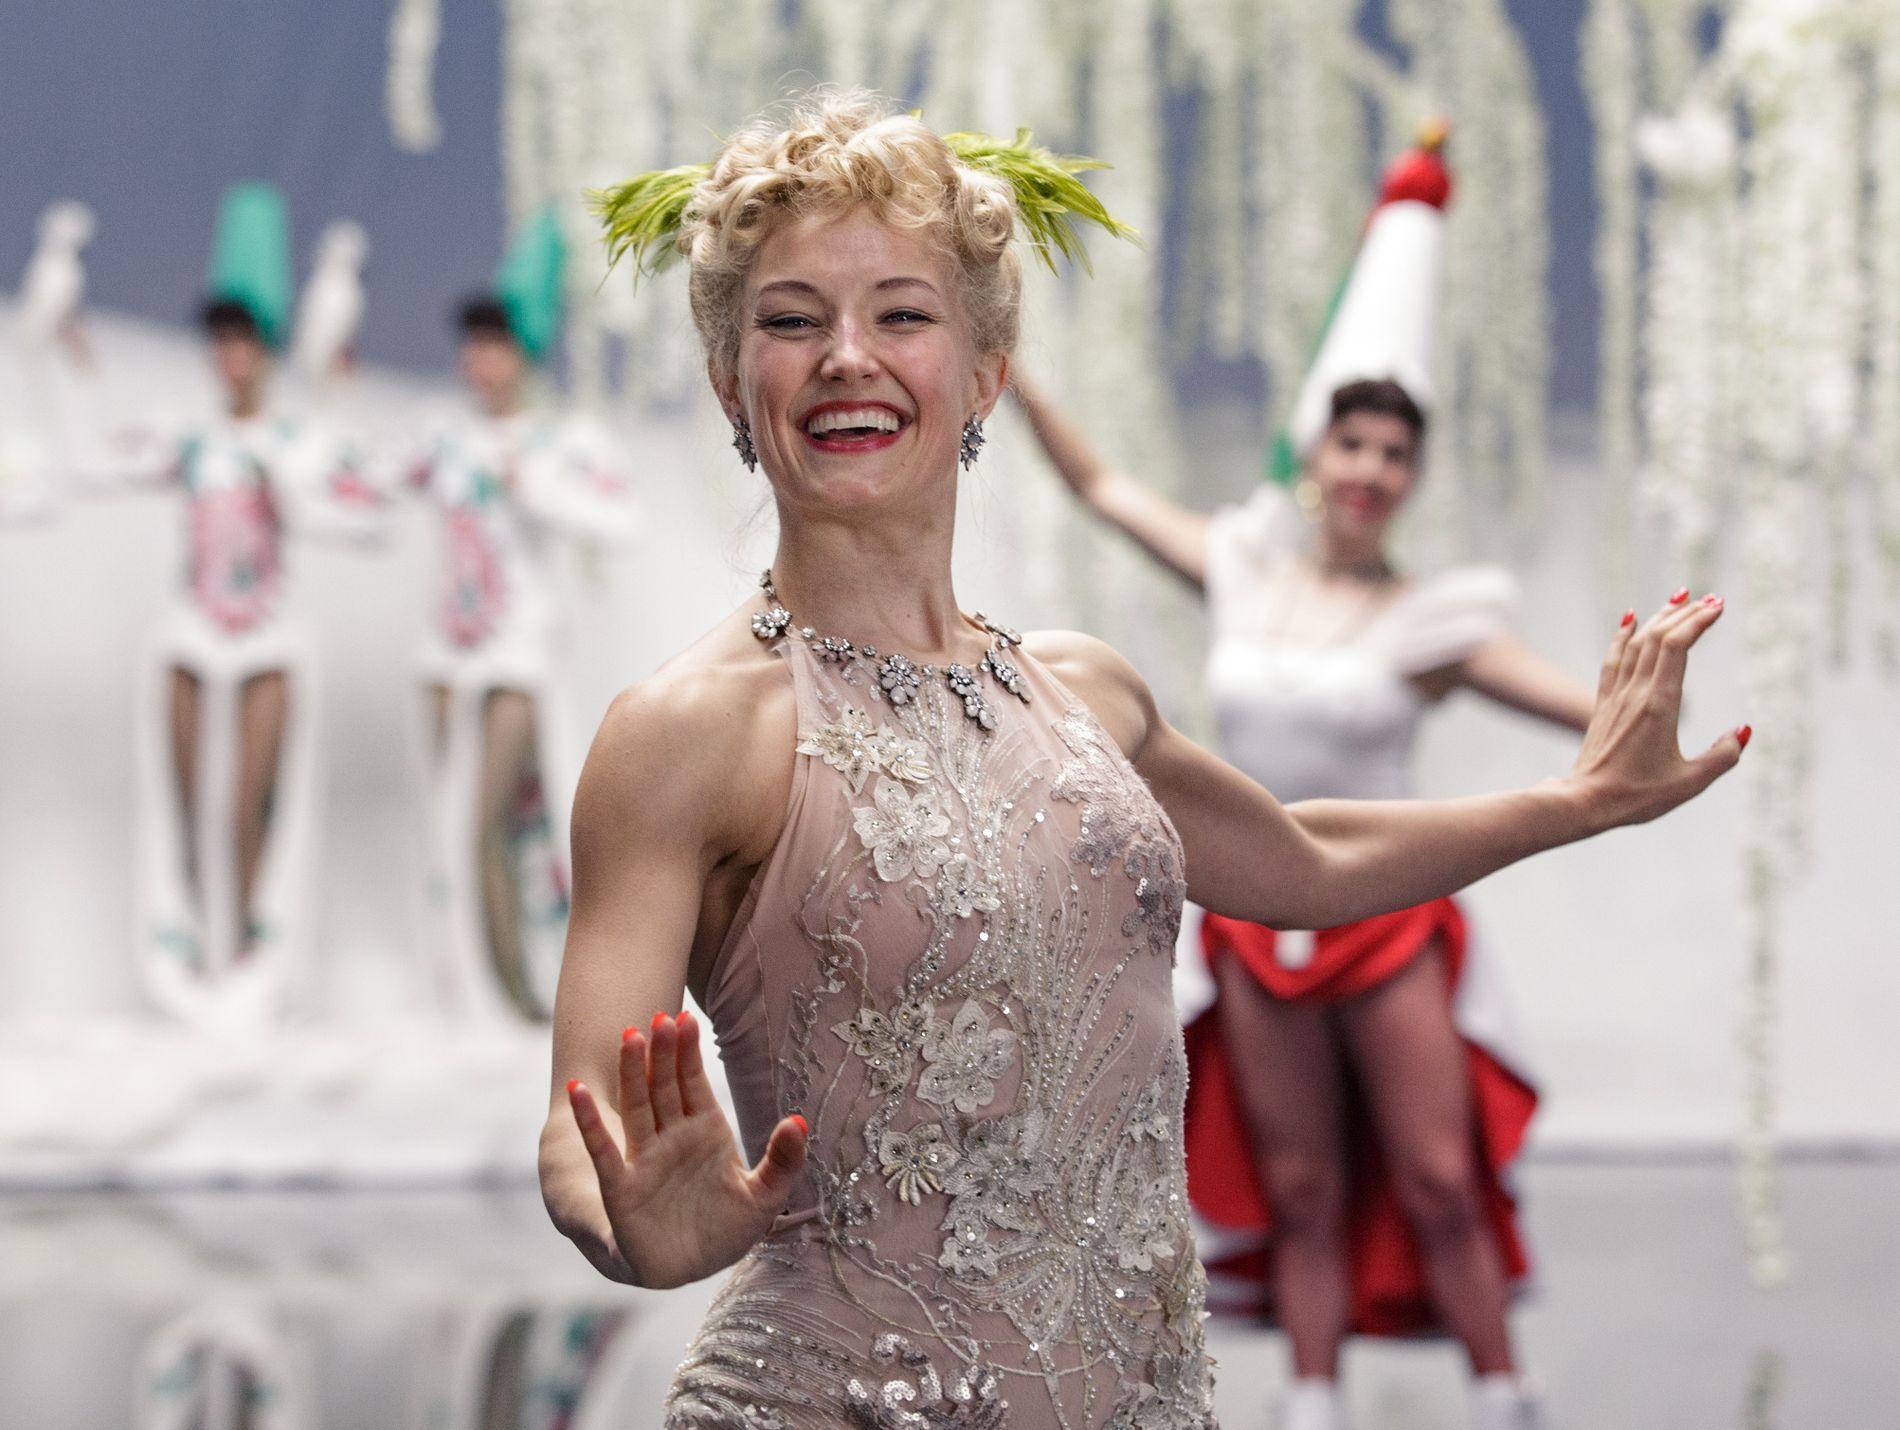 HOVEDROLLE: Ine Marie Wilmann i en scene fra den kommende filmen om Sonja Henie.